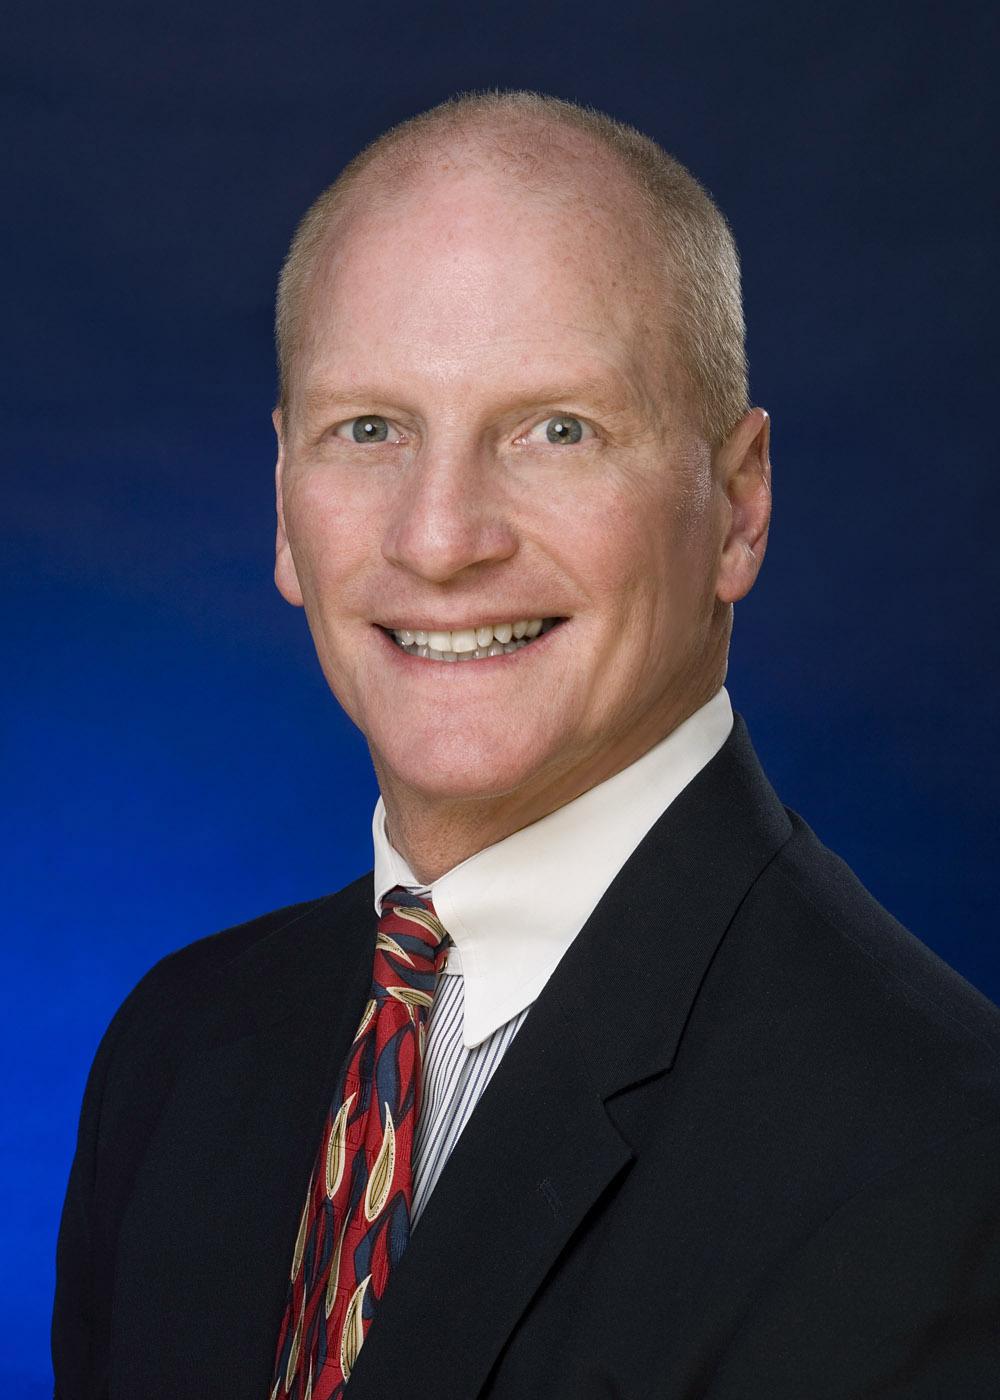 Steve Fogarty